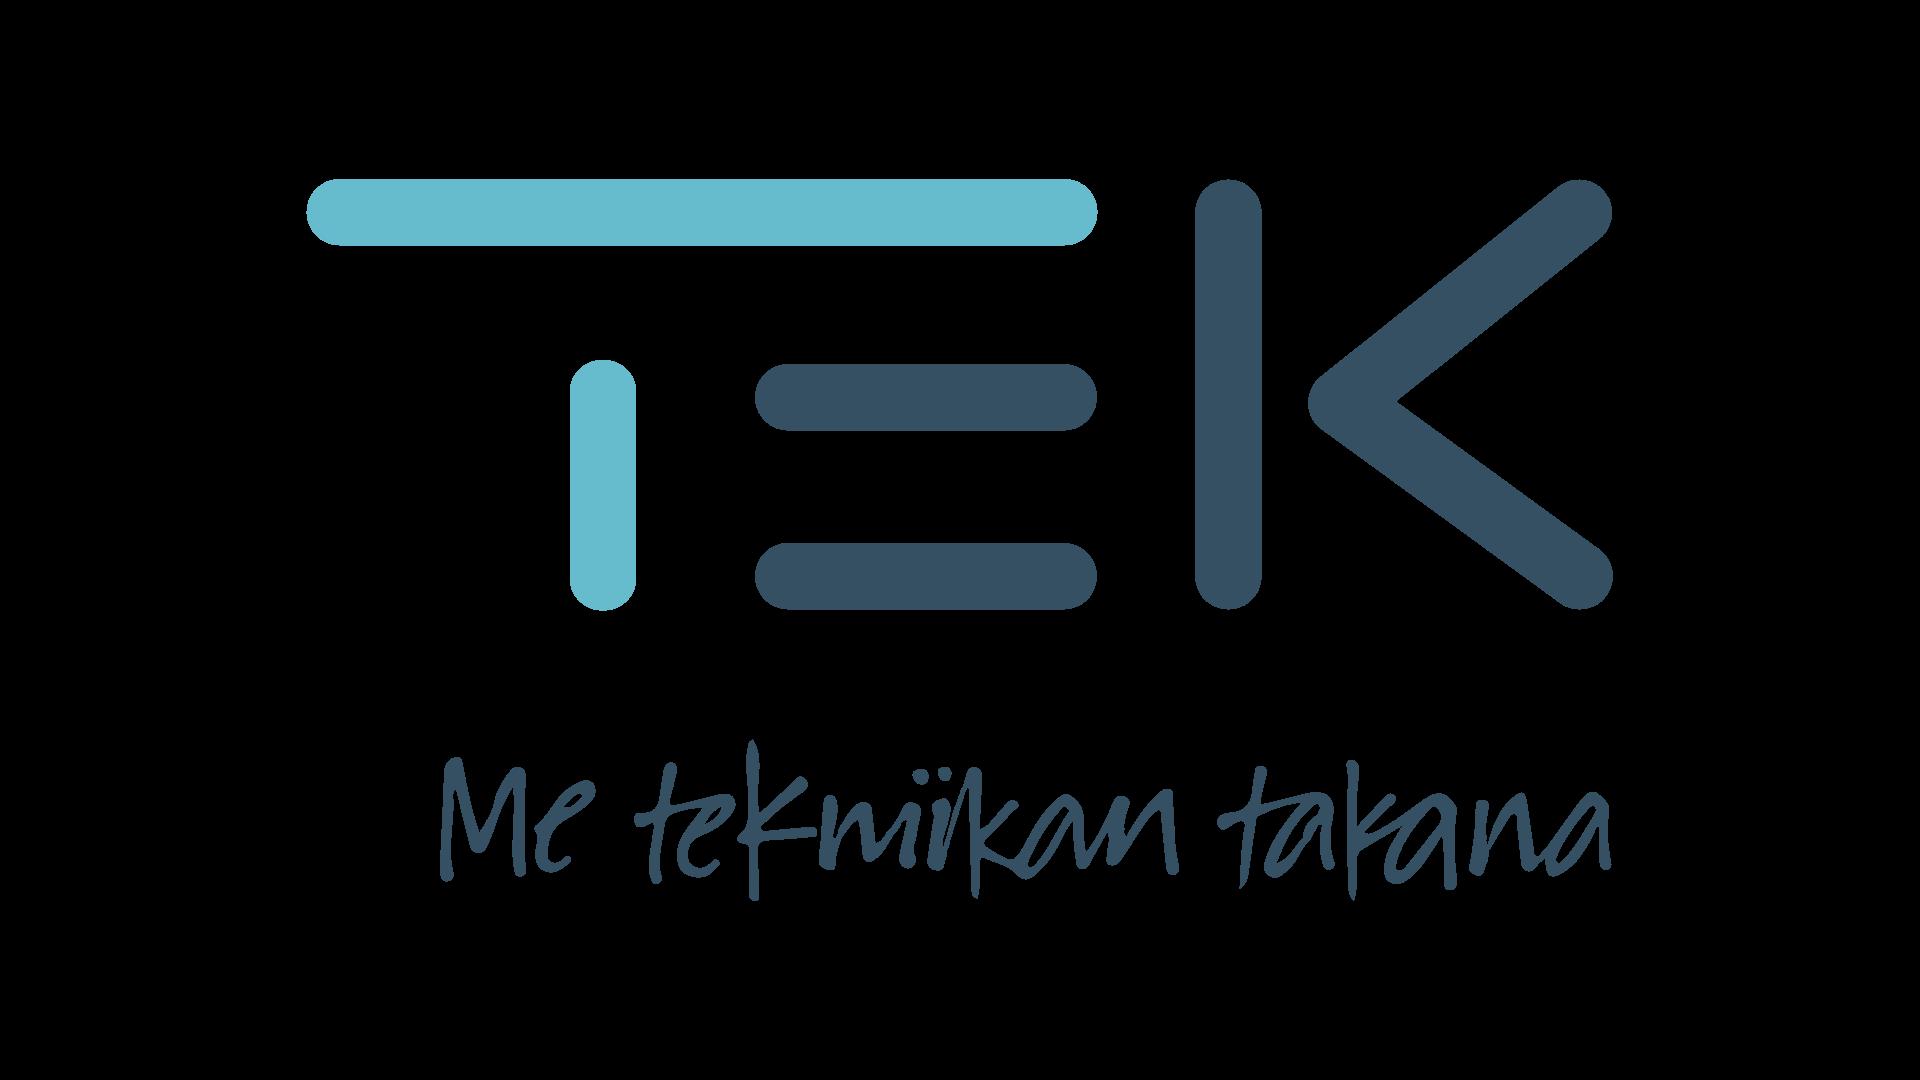 TEK - Tekniikan akateemiset